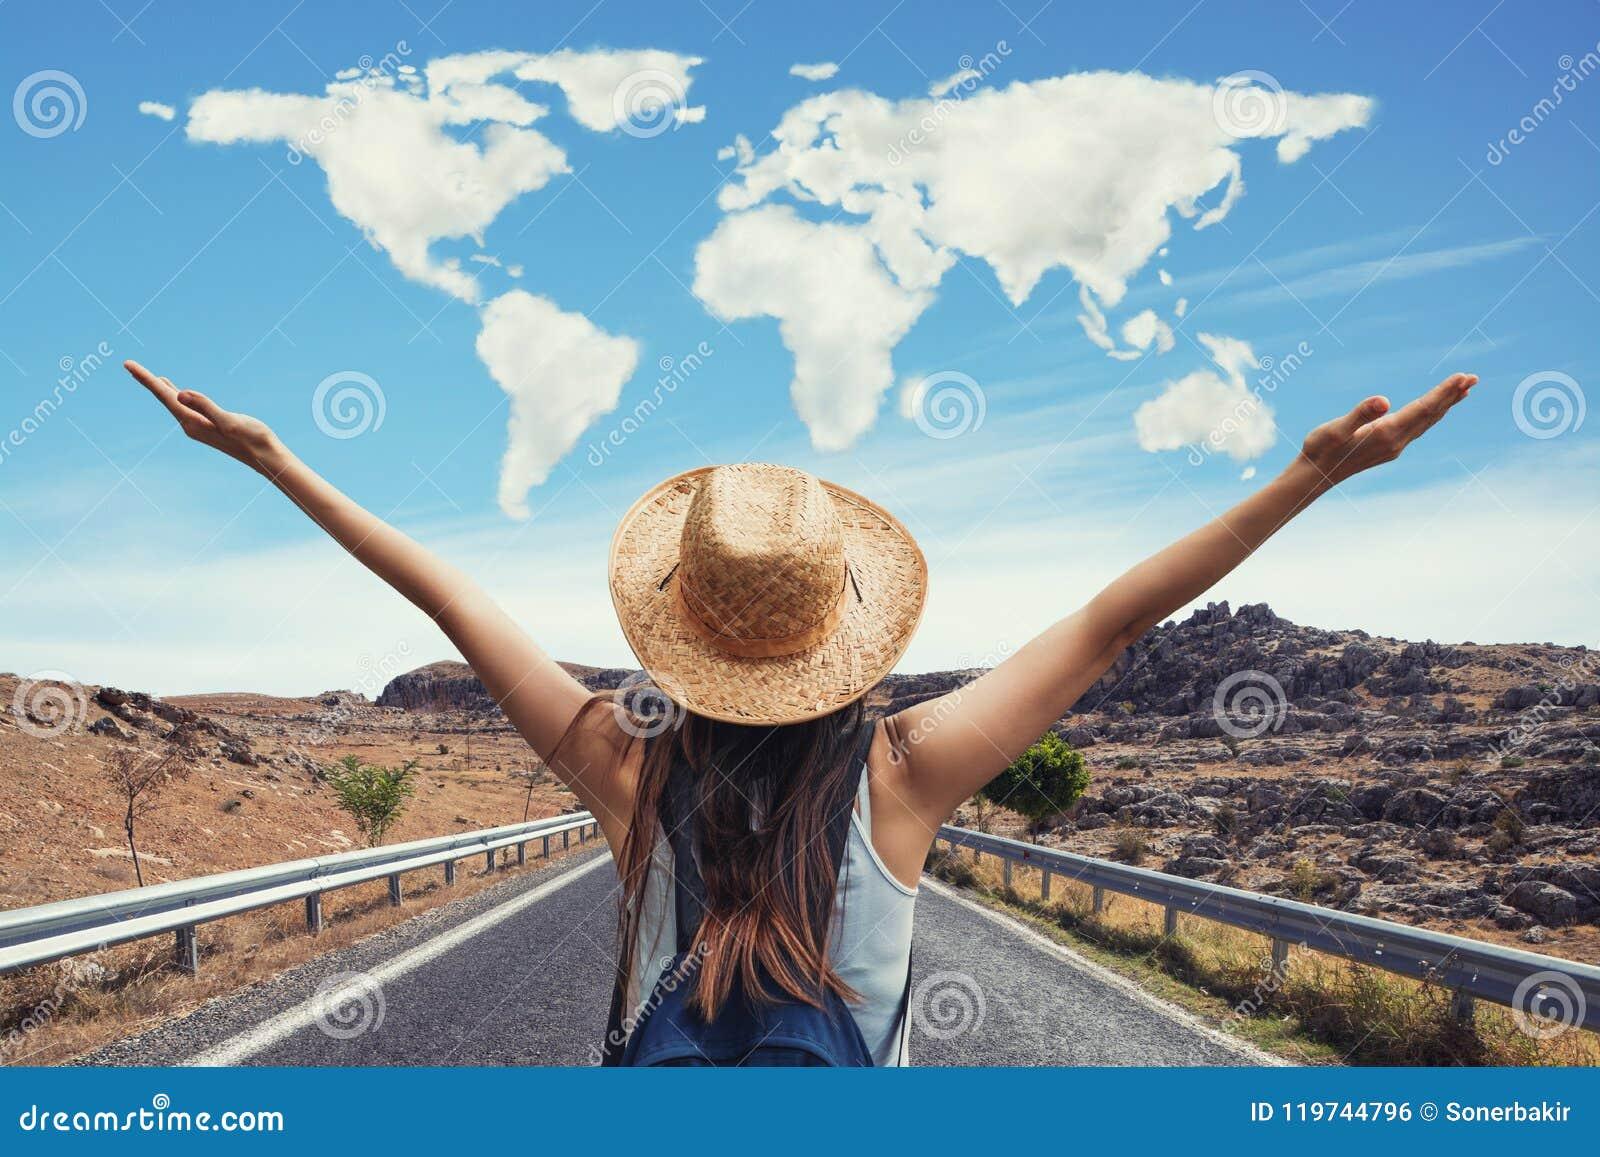 假期概念的愉快的旅行妇女与世界塑造了云彩 滑稽的旅客享受她的旅行并且准备冒险